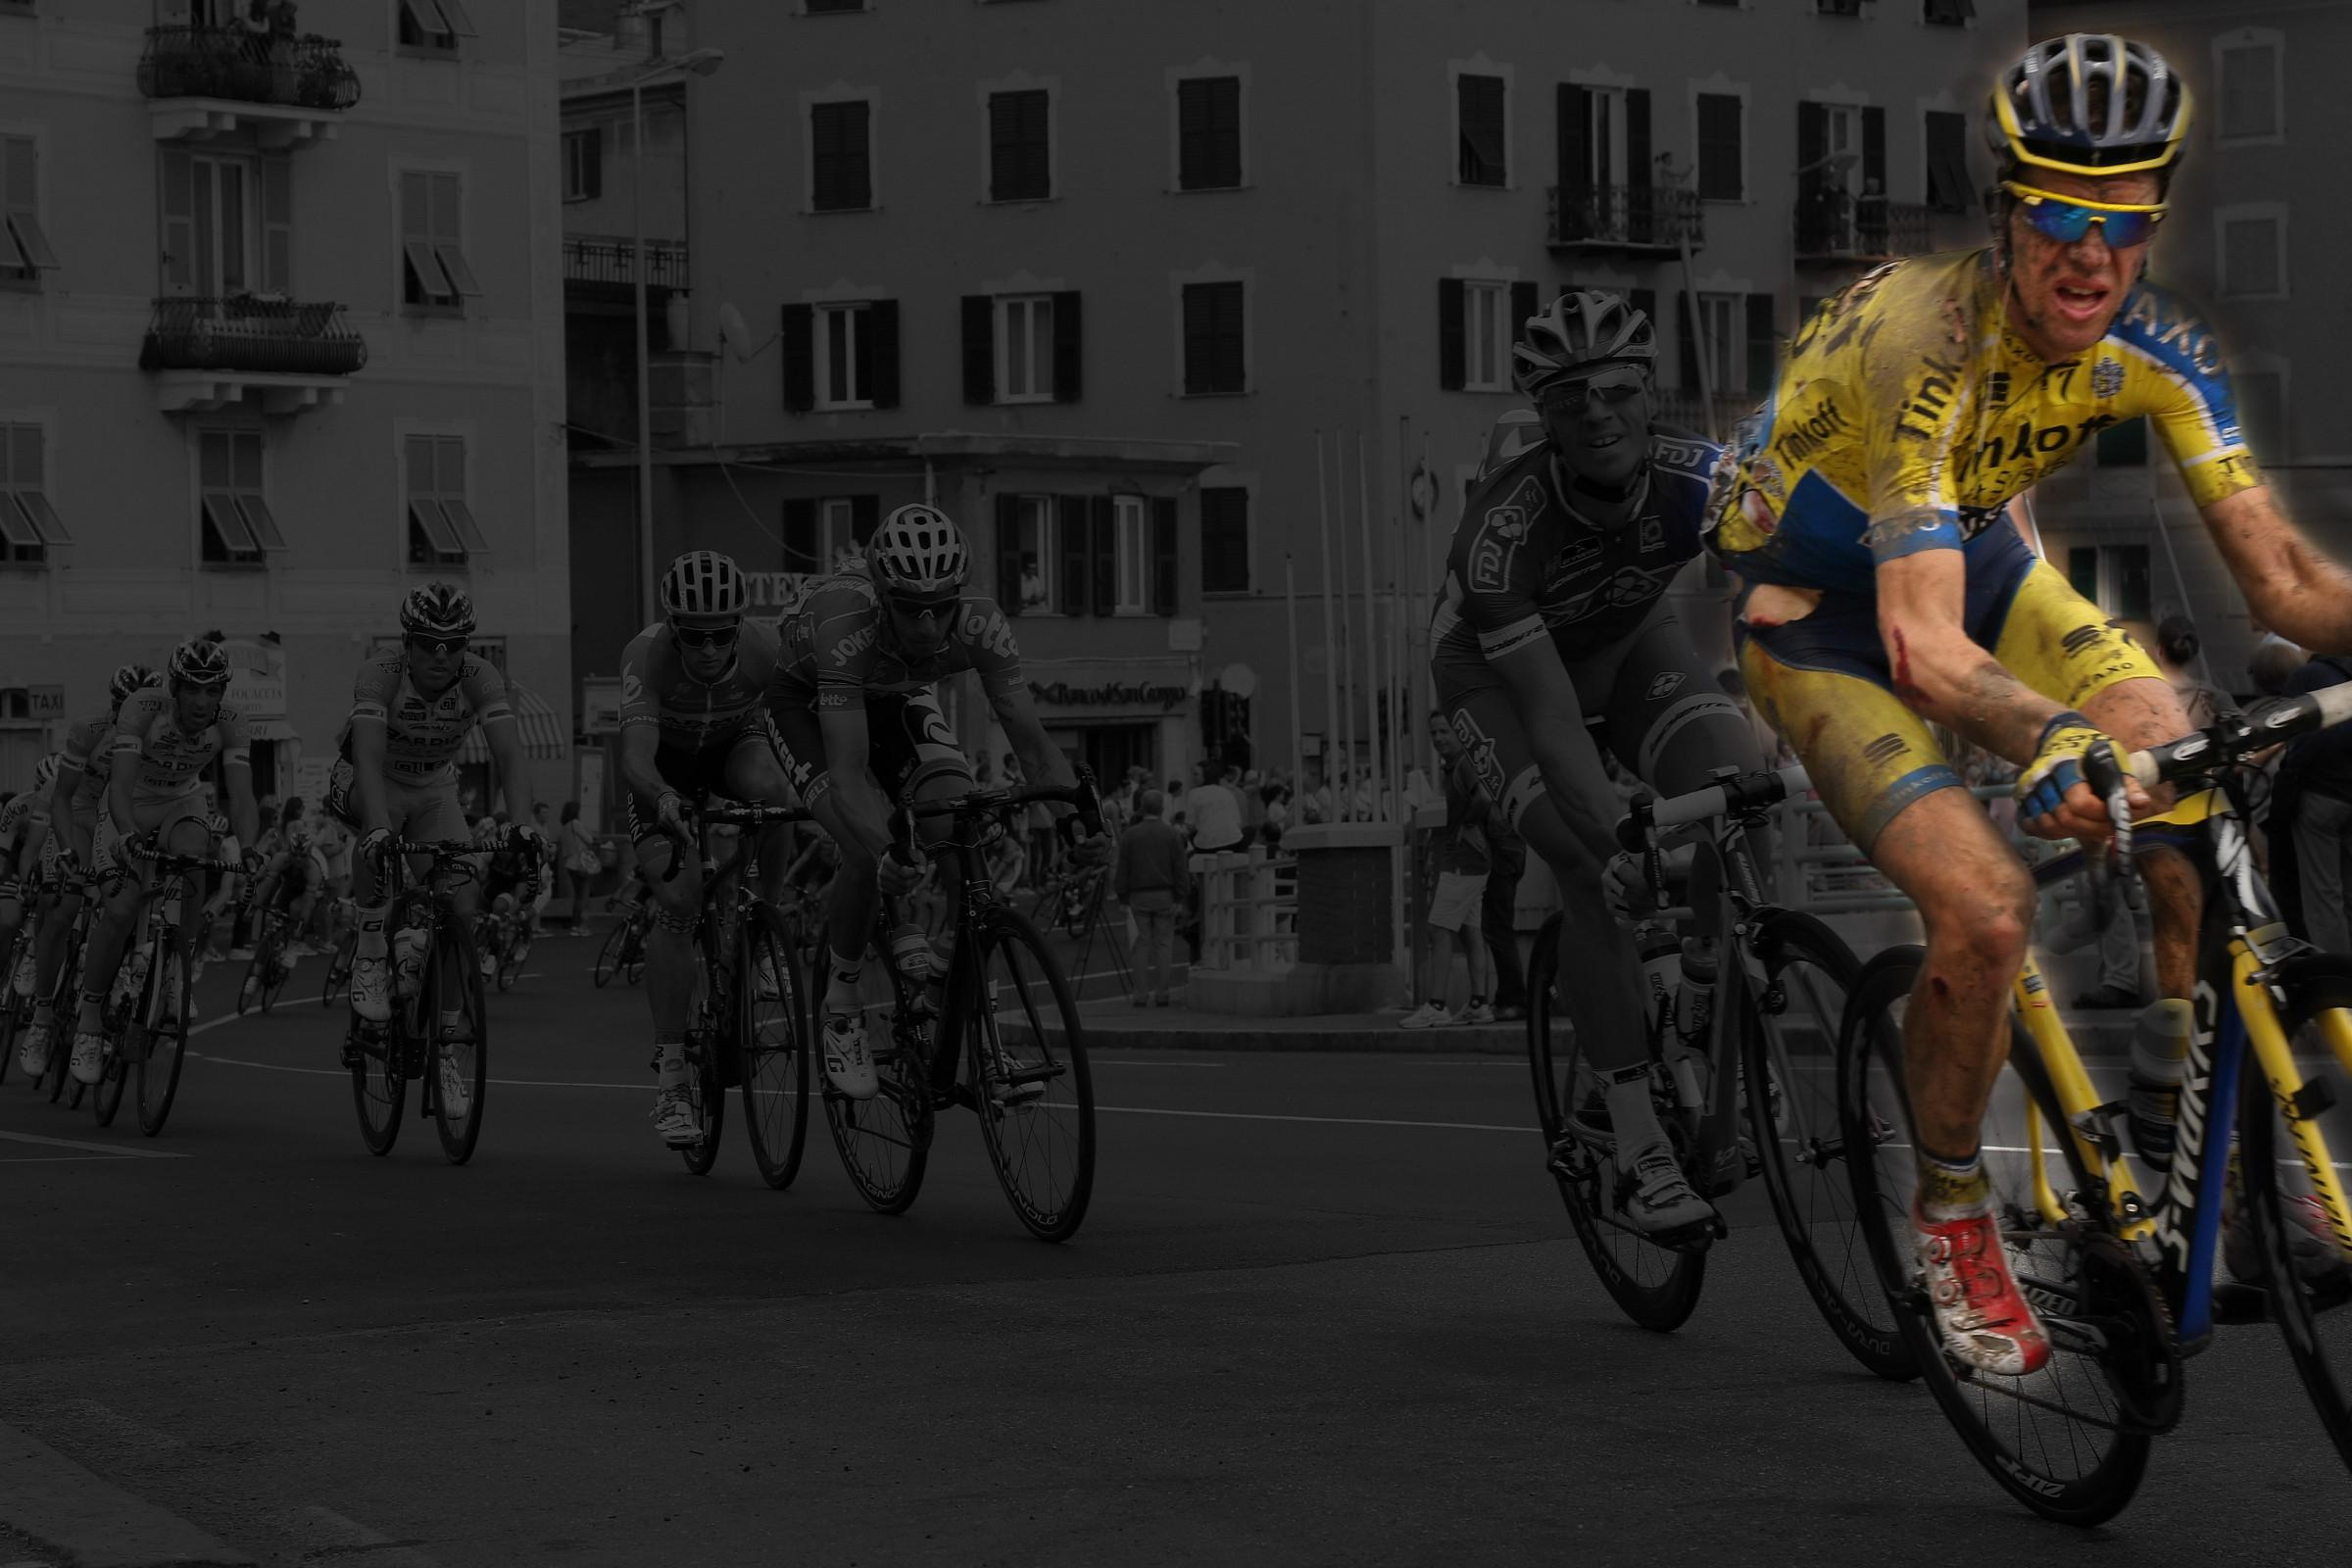 Tour of Italy...